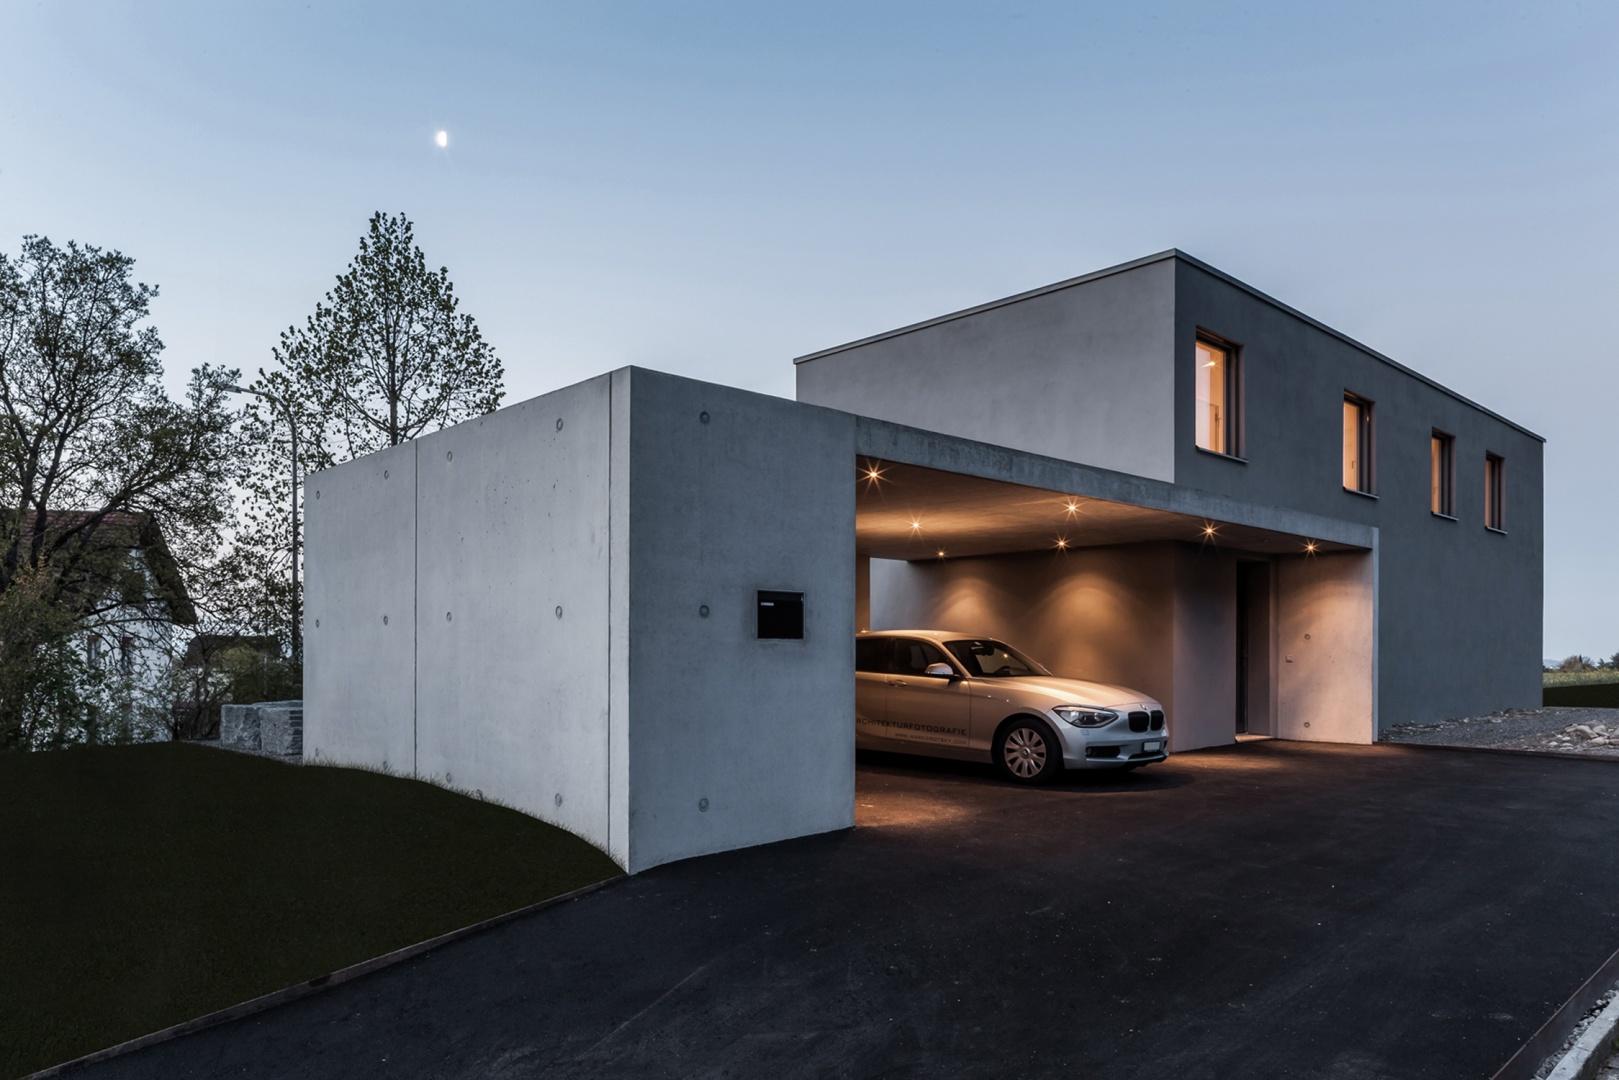 Einfamilienhaus lommiswil arc award for Pramierte einfamilienhauser